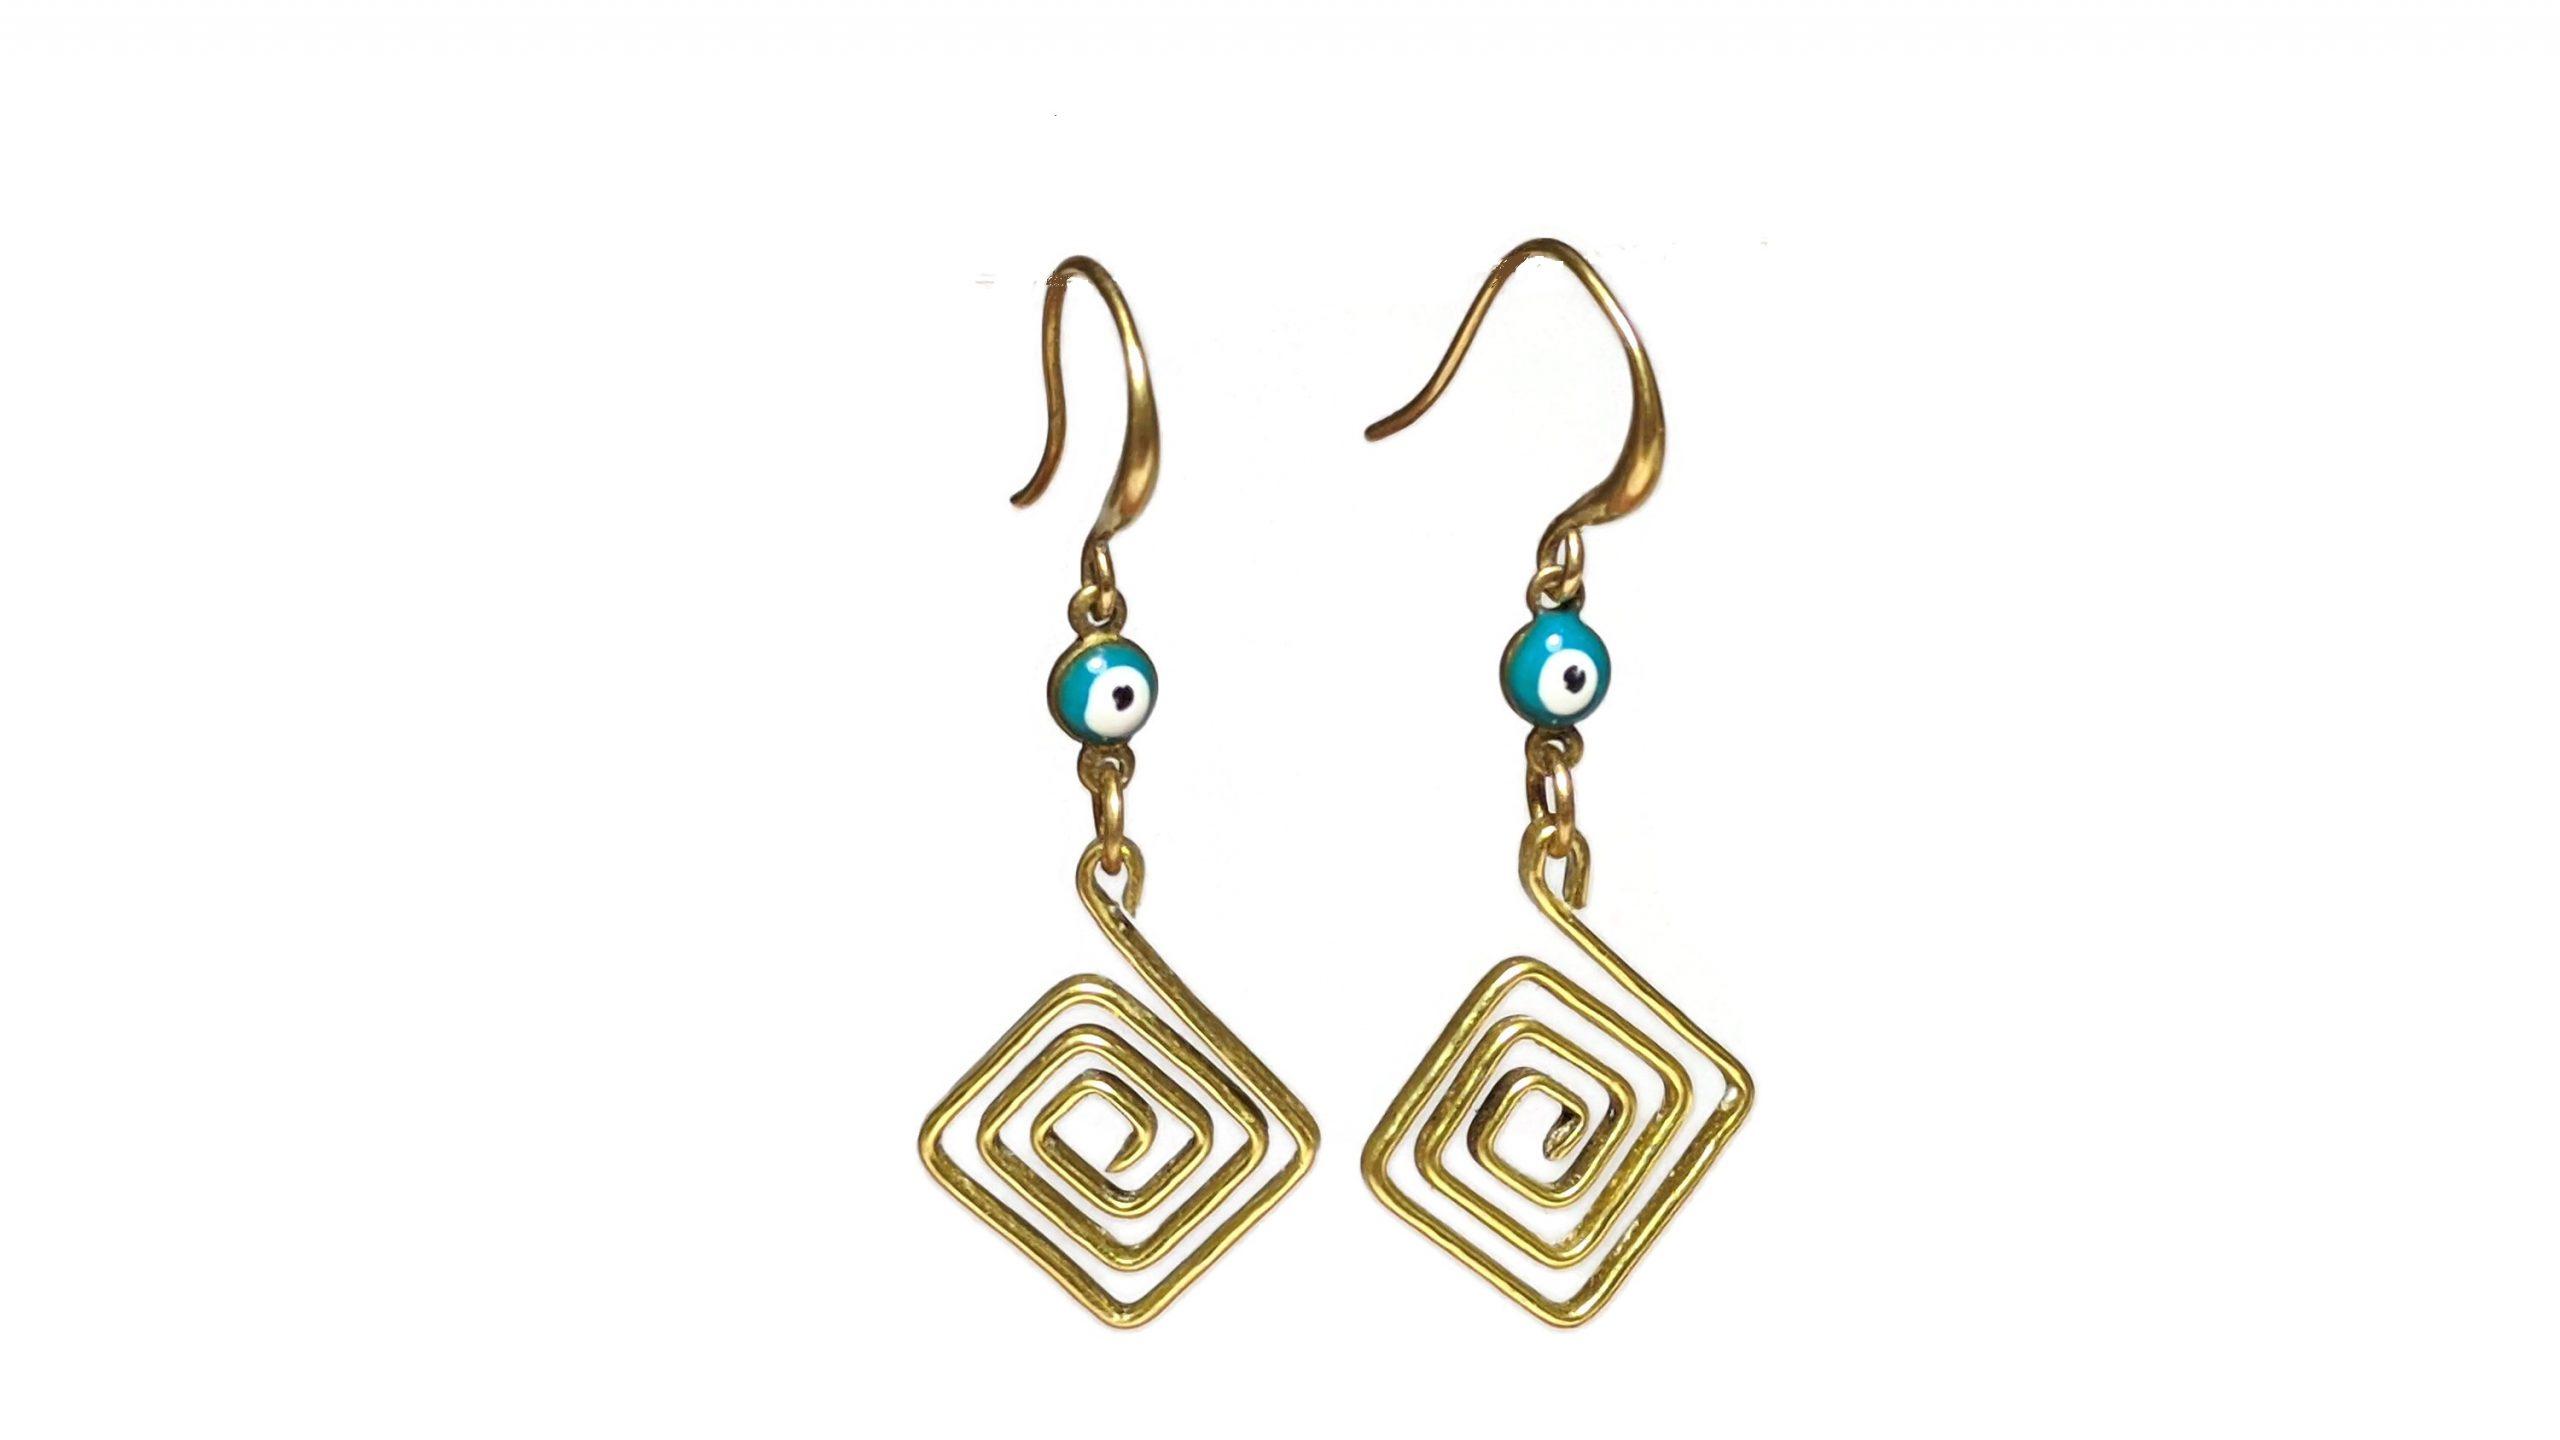 Greek key evil eye earrings